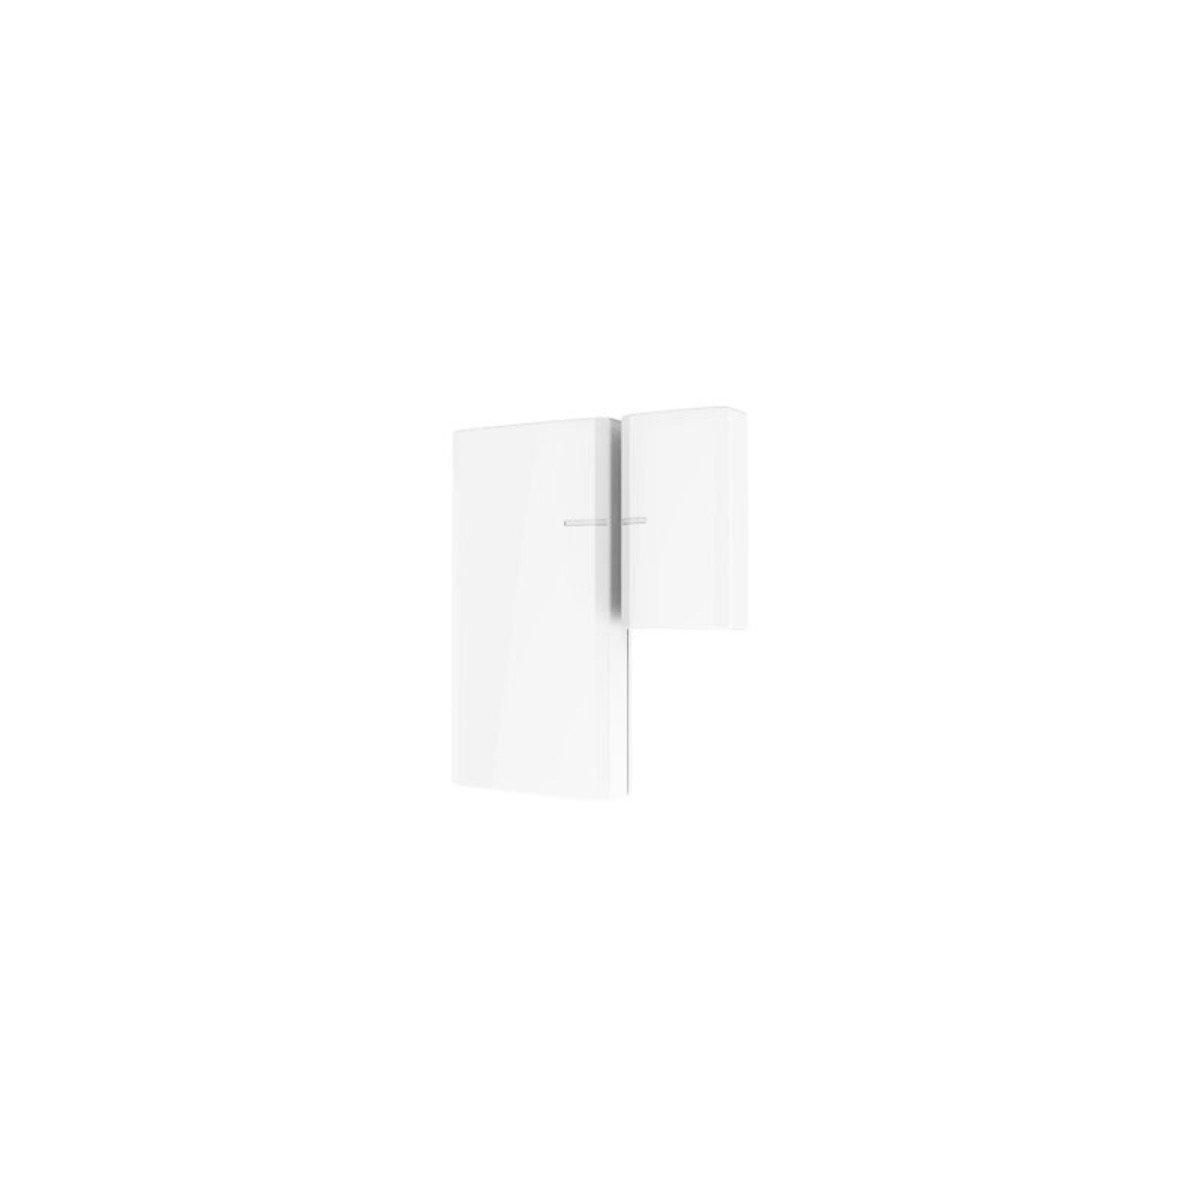 ZigBee 門/窗 開關感應器 Door/Window magnetic reed sensor